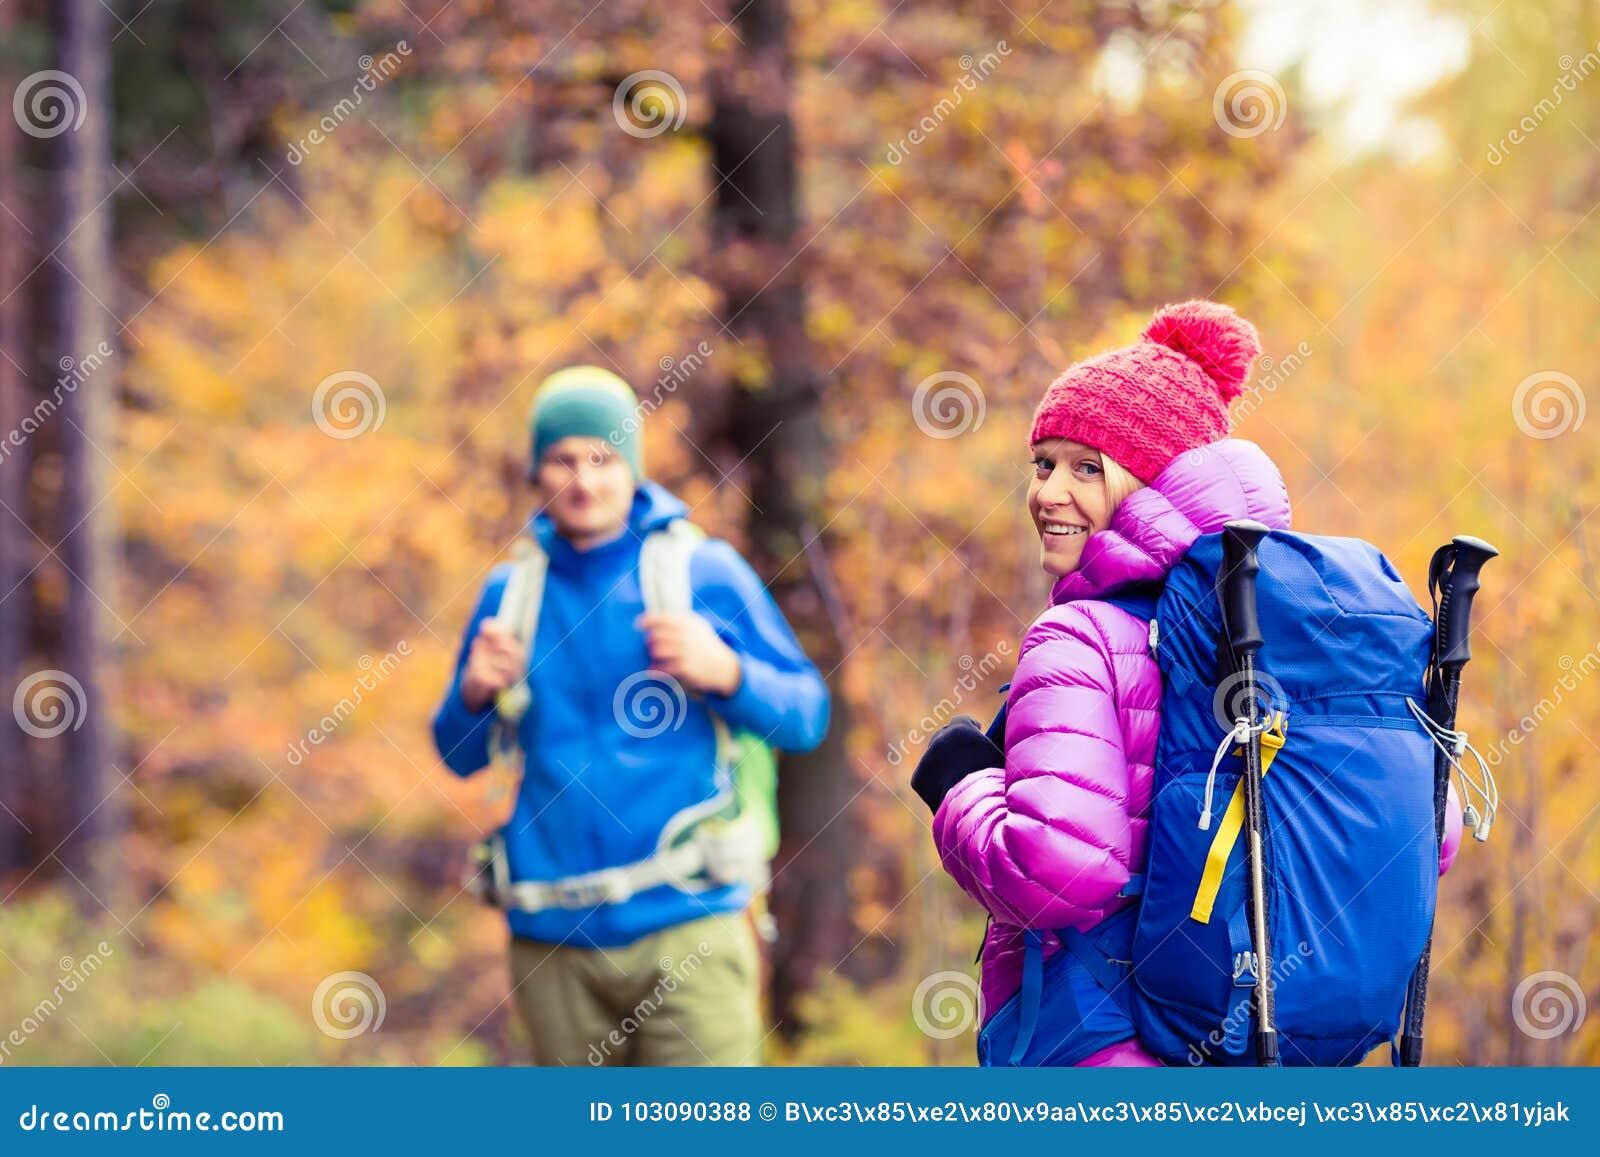 野营在秋天森林里的男人和妇女愉快的夫妇远足者